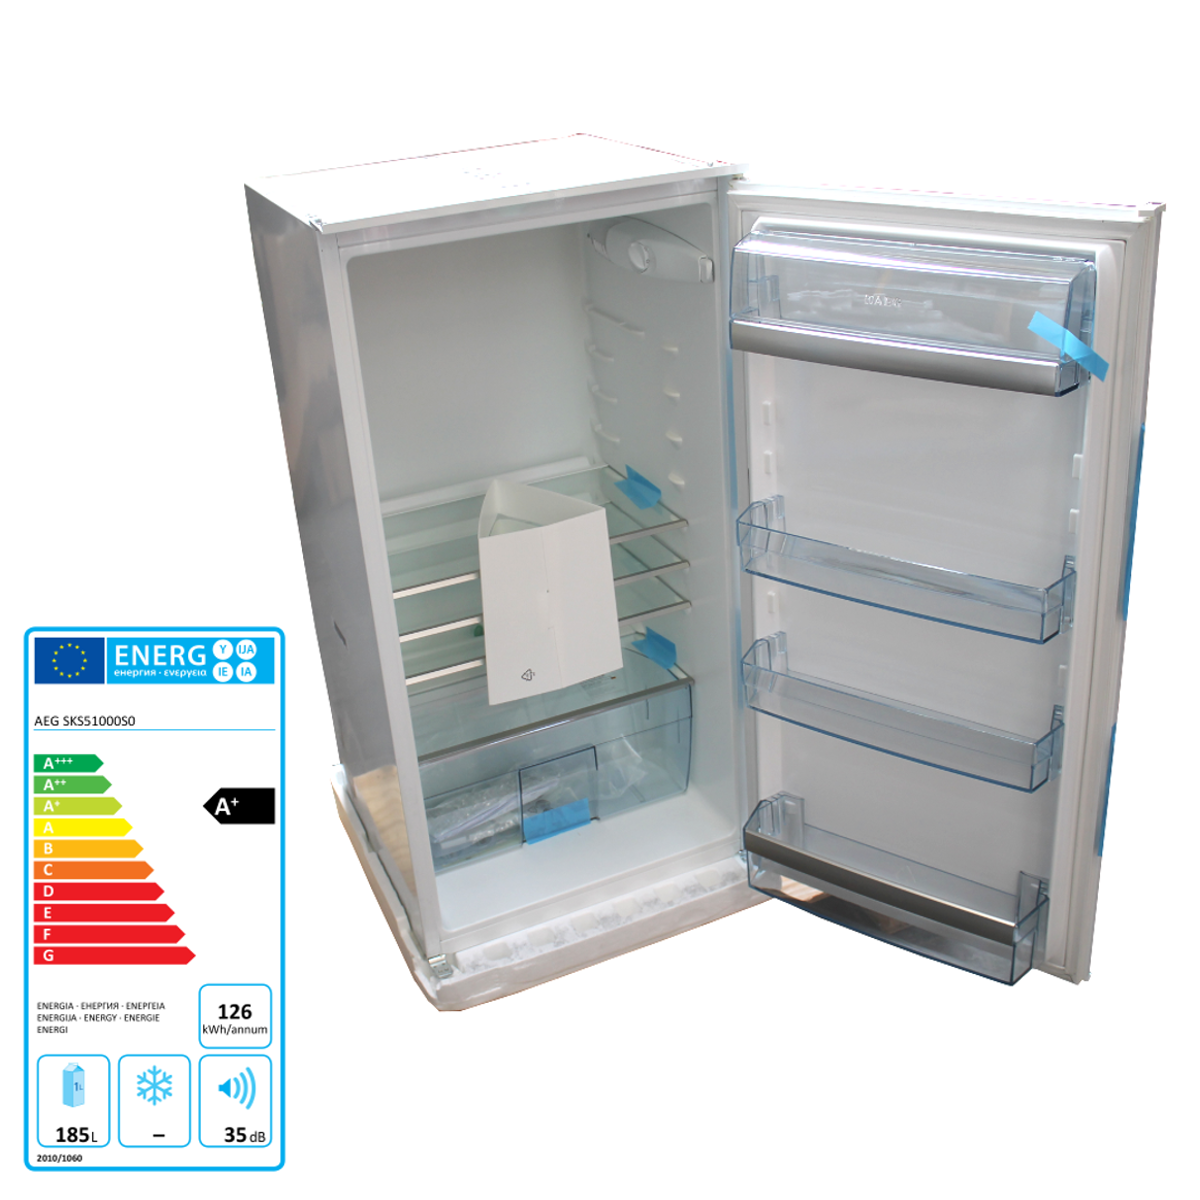 Einbau-Kühlschrank 185 Liter 126 kWh/Jahr weiß leise AEG Santo ...